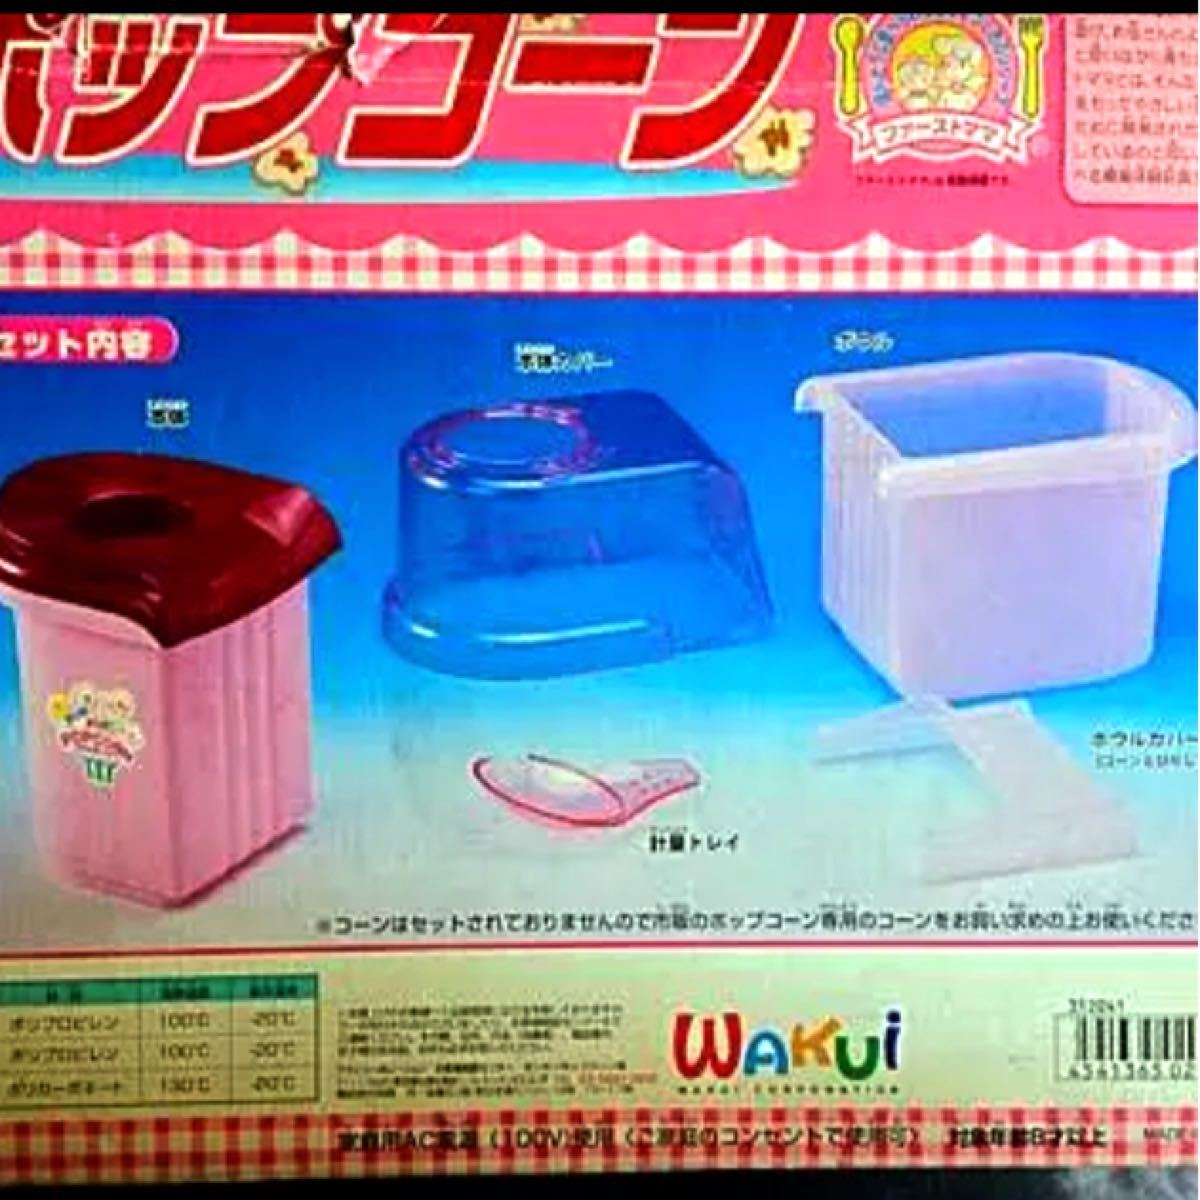 【レア】つくって食べようポン!ポン!ポップコーン / キッチン玩具